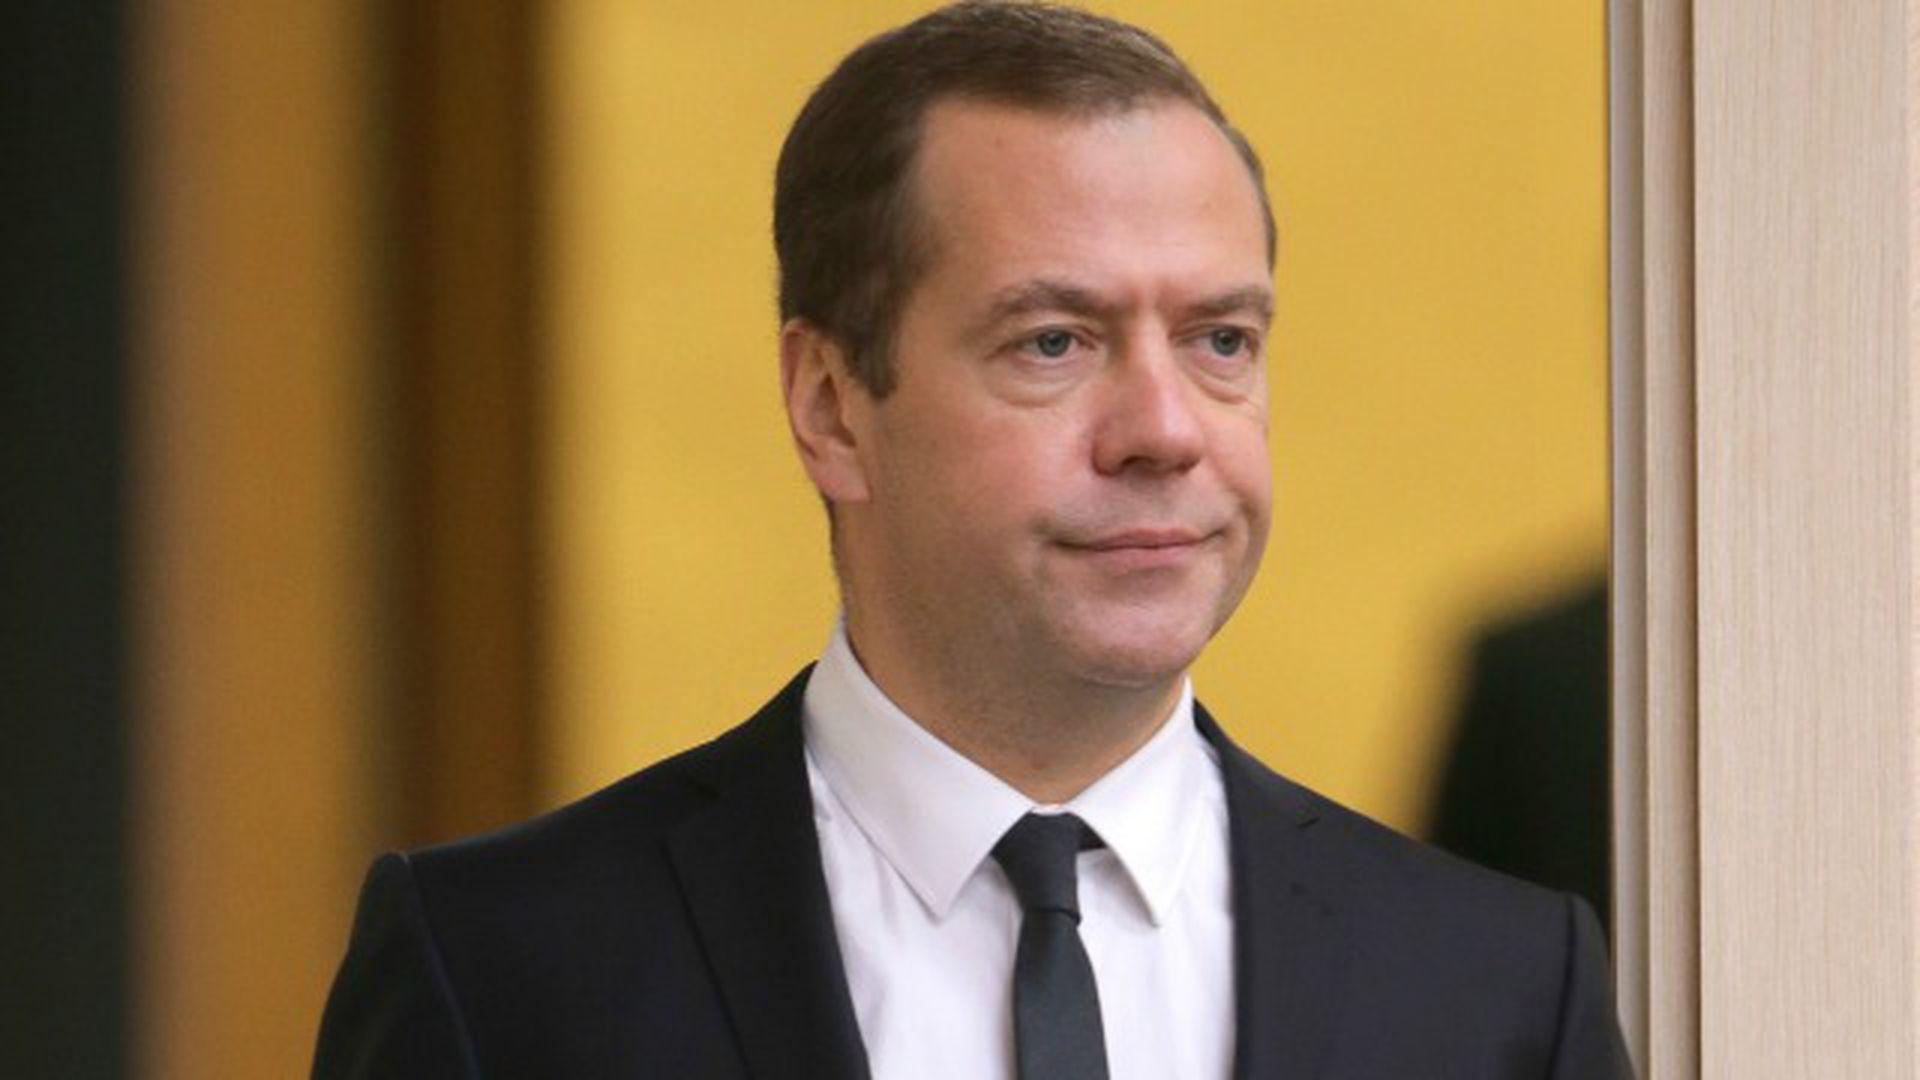 642562126d29 Дмитрий Медведев откровенно рассказал об отношениях с сыном - RUS ...